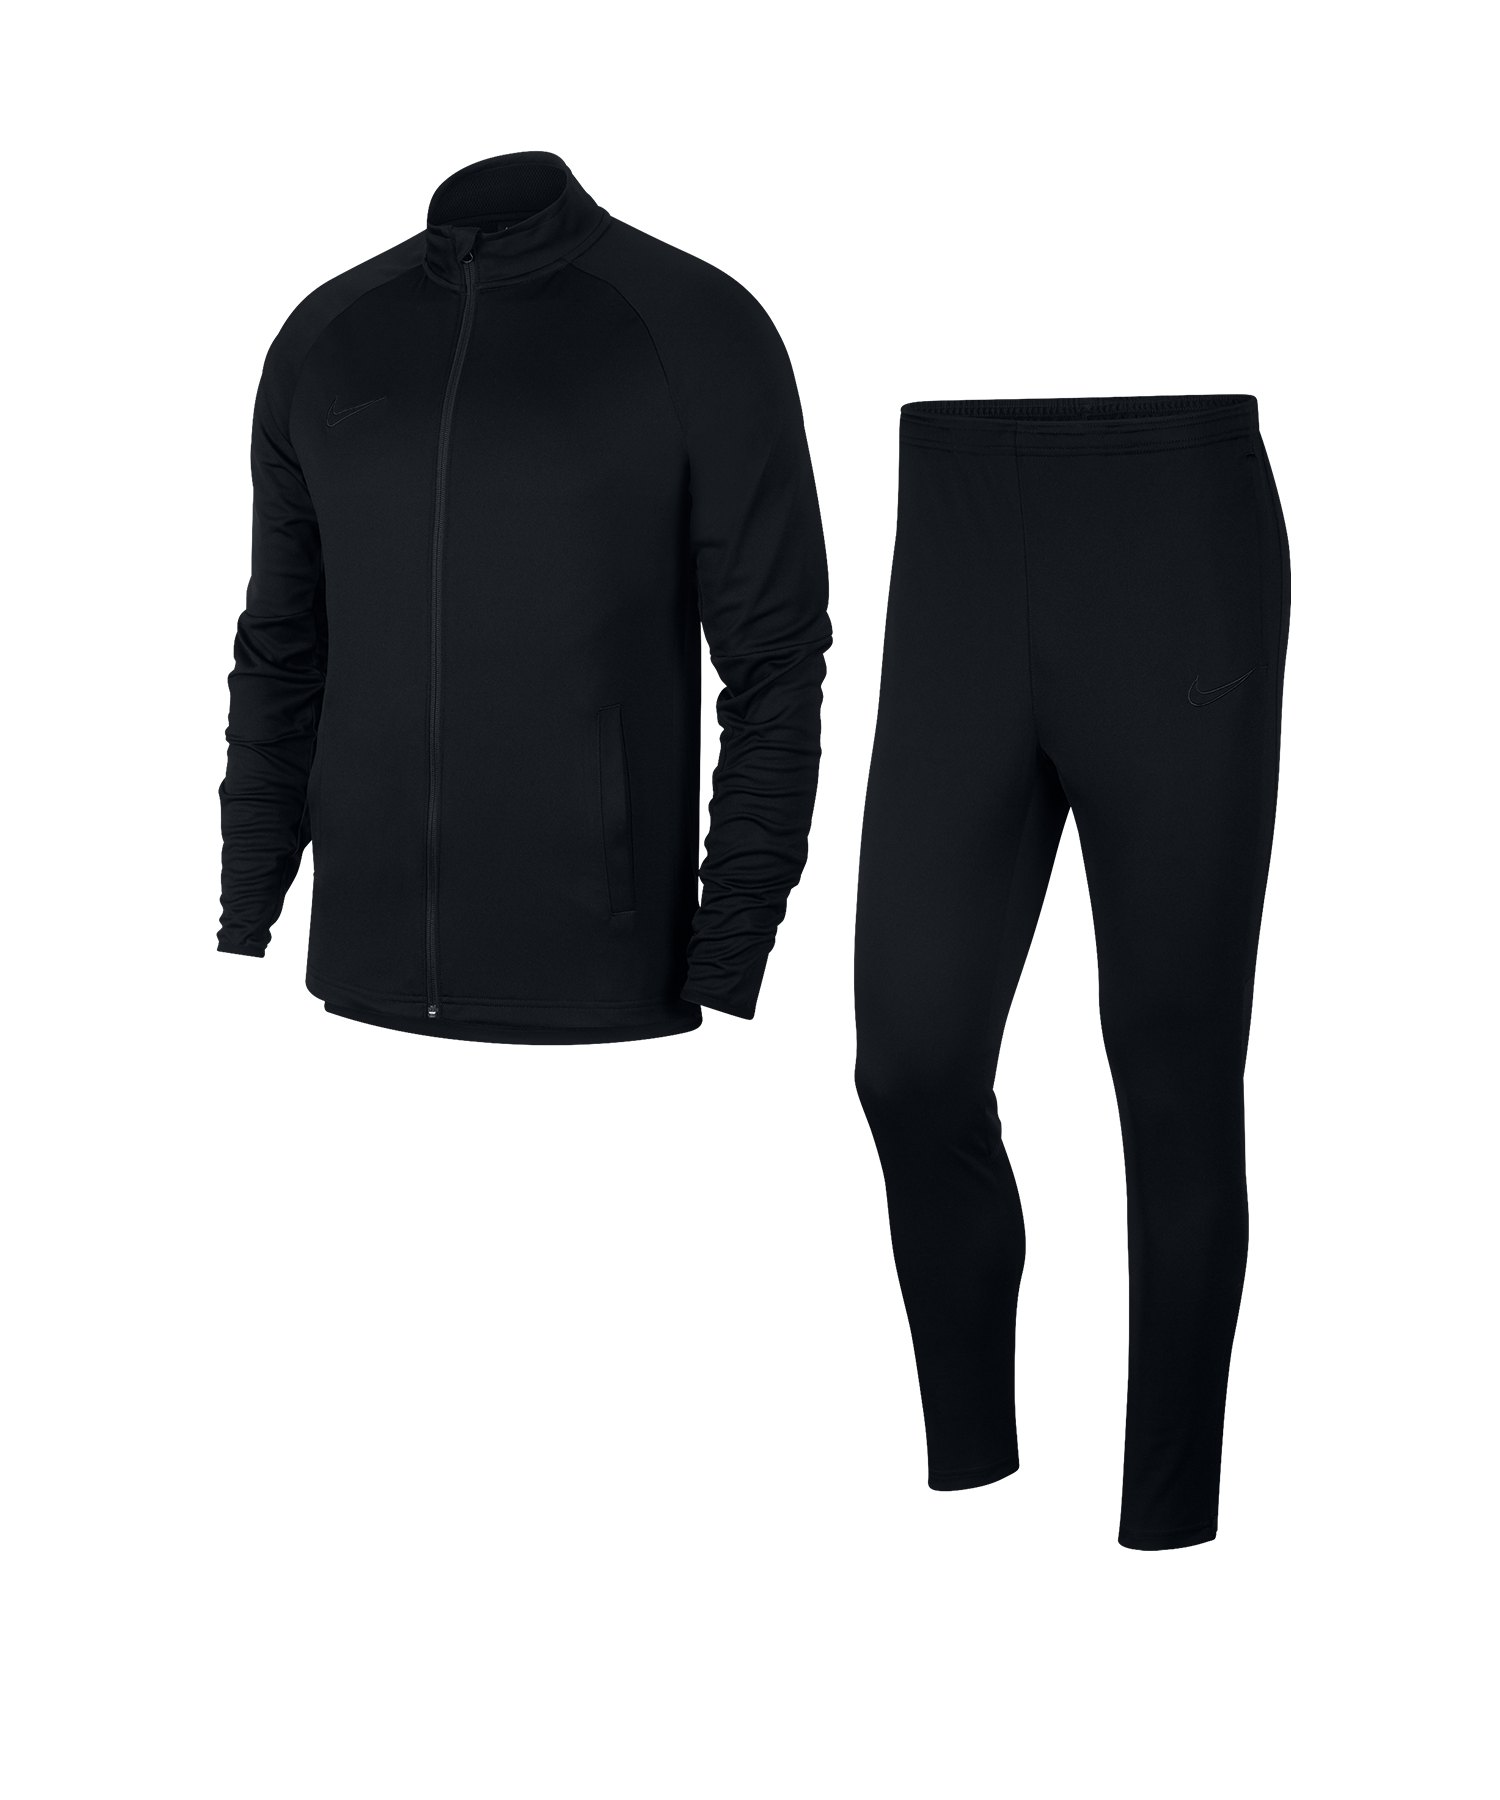 Nike Dri-FIT Academy Trainingsanzug Schwarz F011 - schwarz